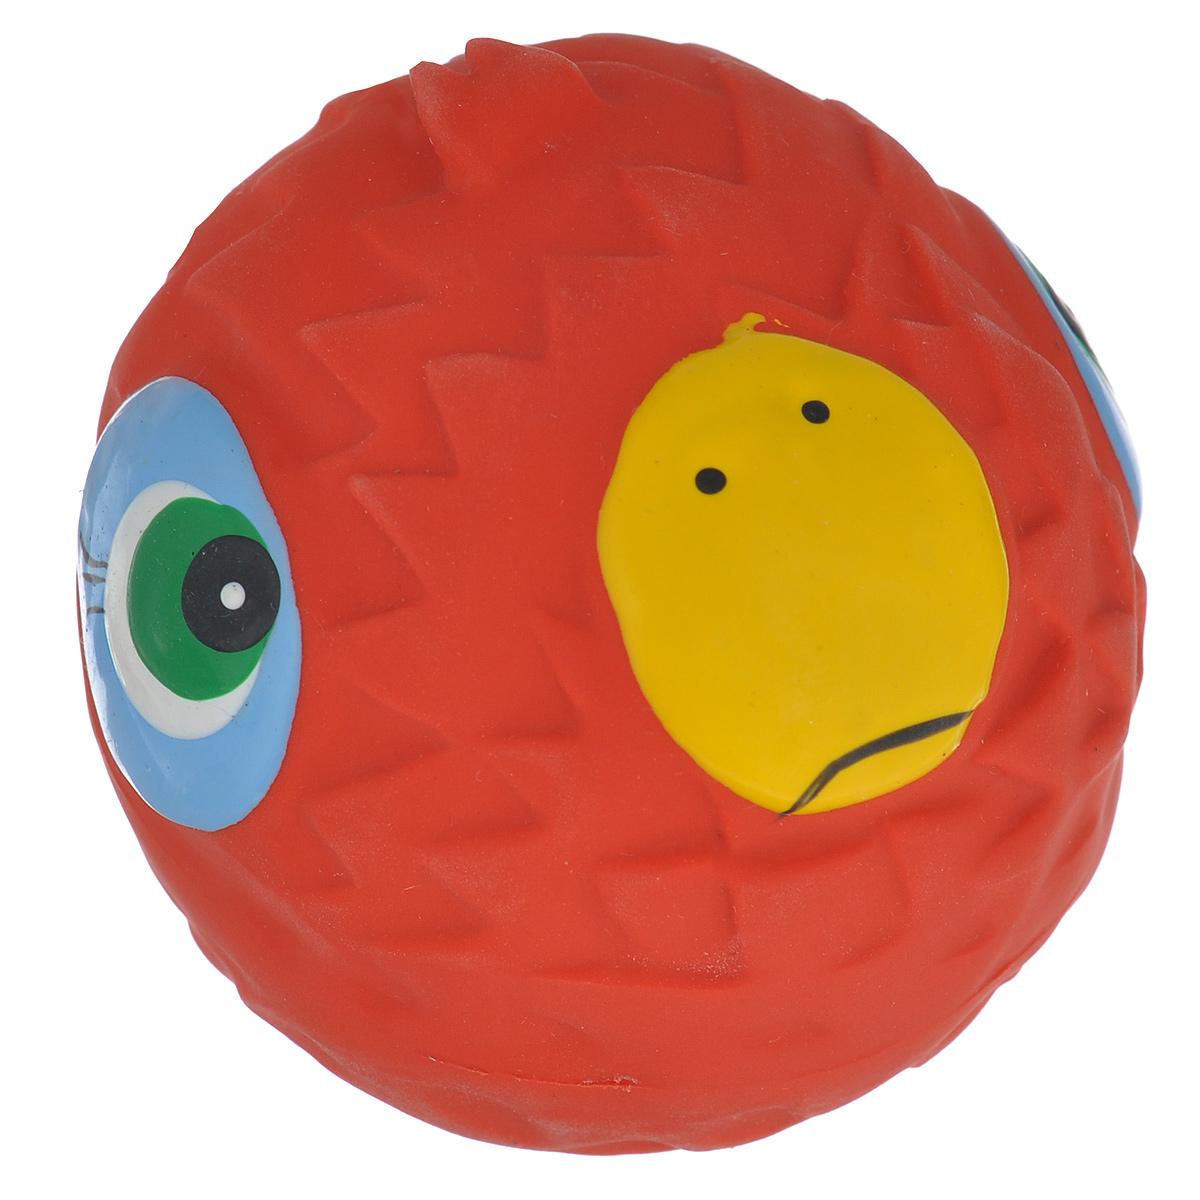 Игрушка для собак Beeztees Мяч с мордочкой, цвет: красный игрушка для собак beeztees i p t s рыбка цвет оранжевый